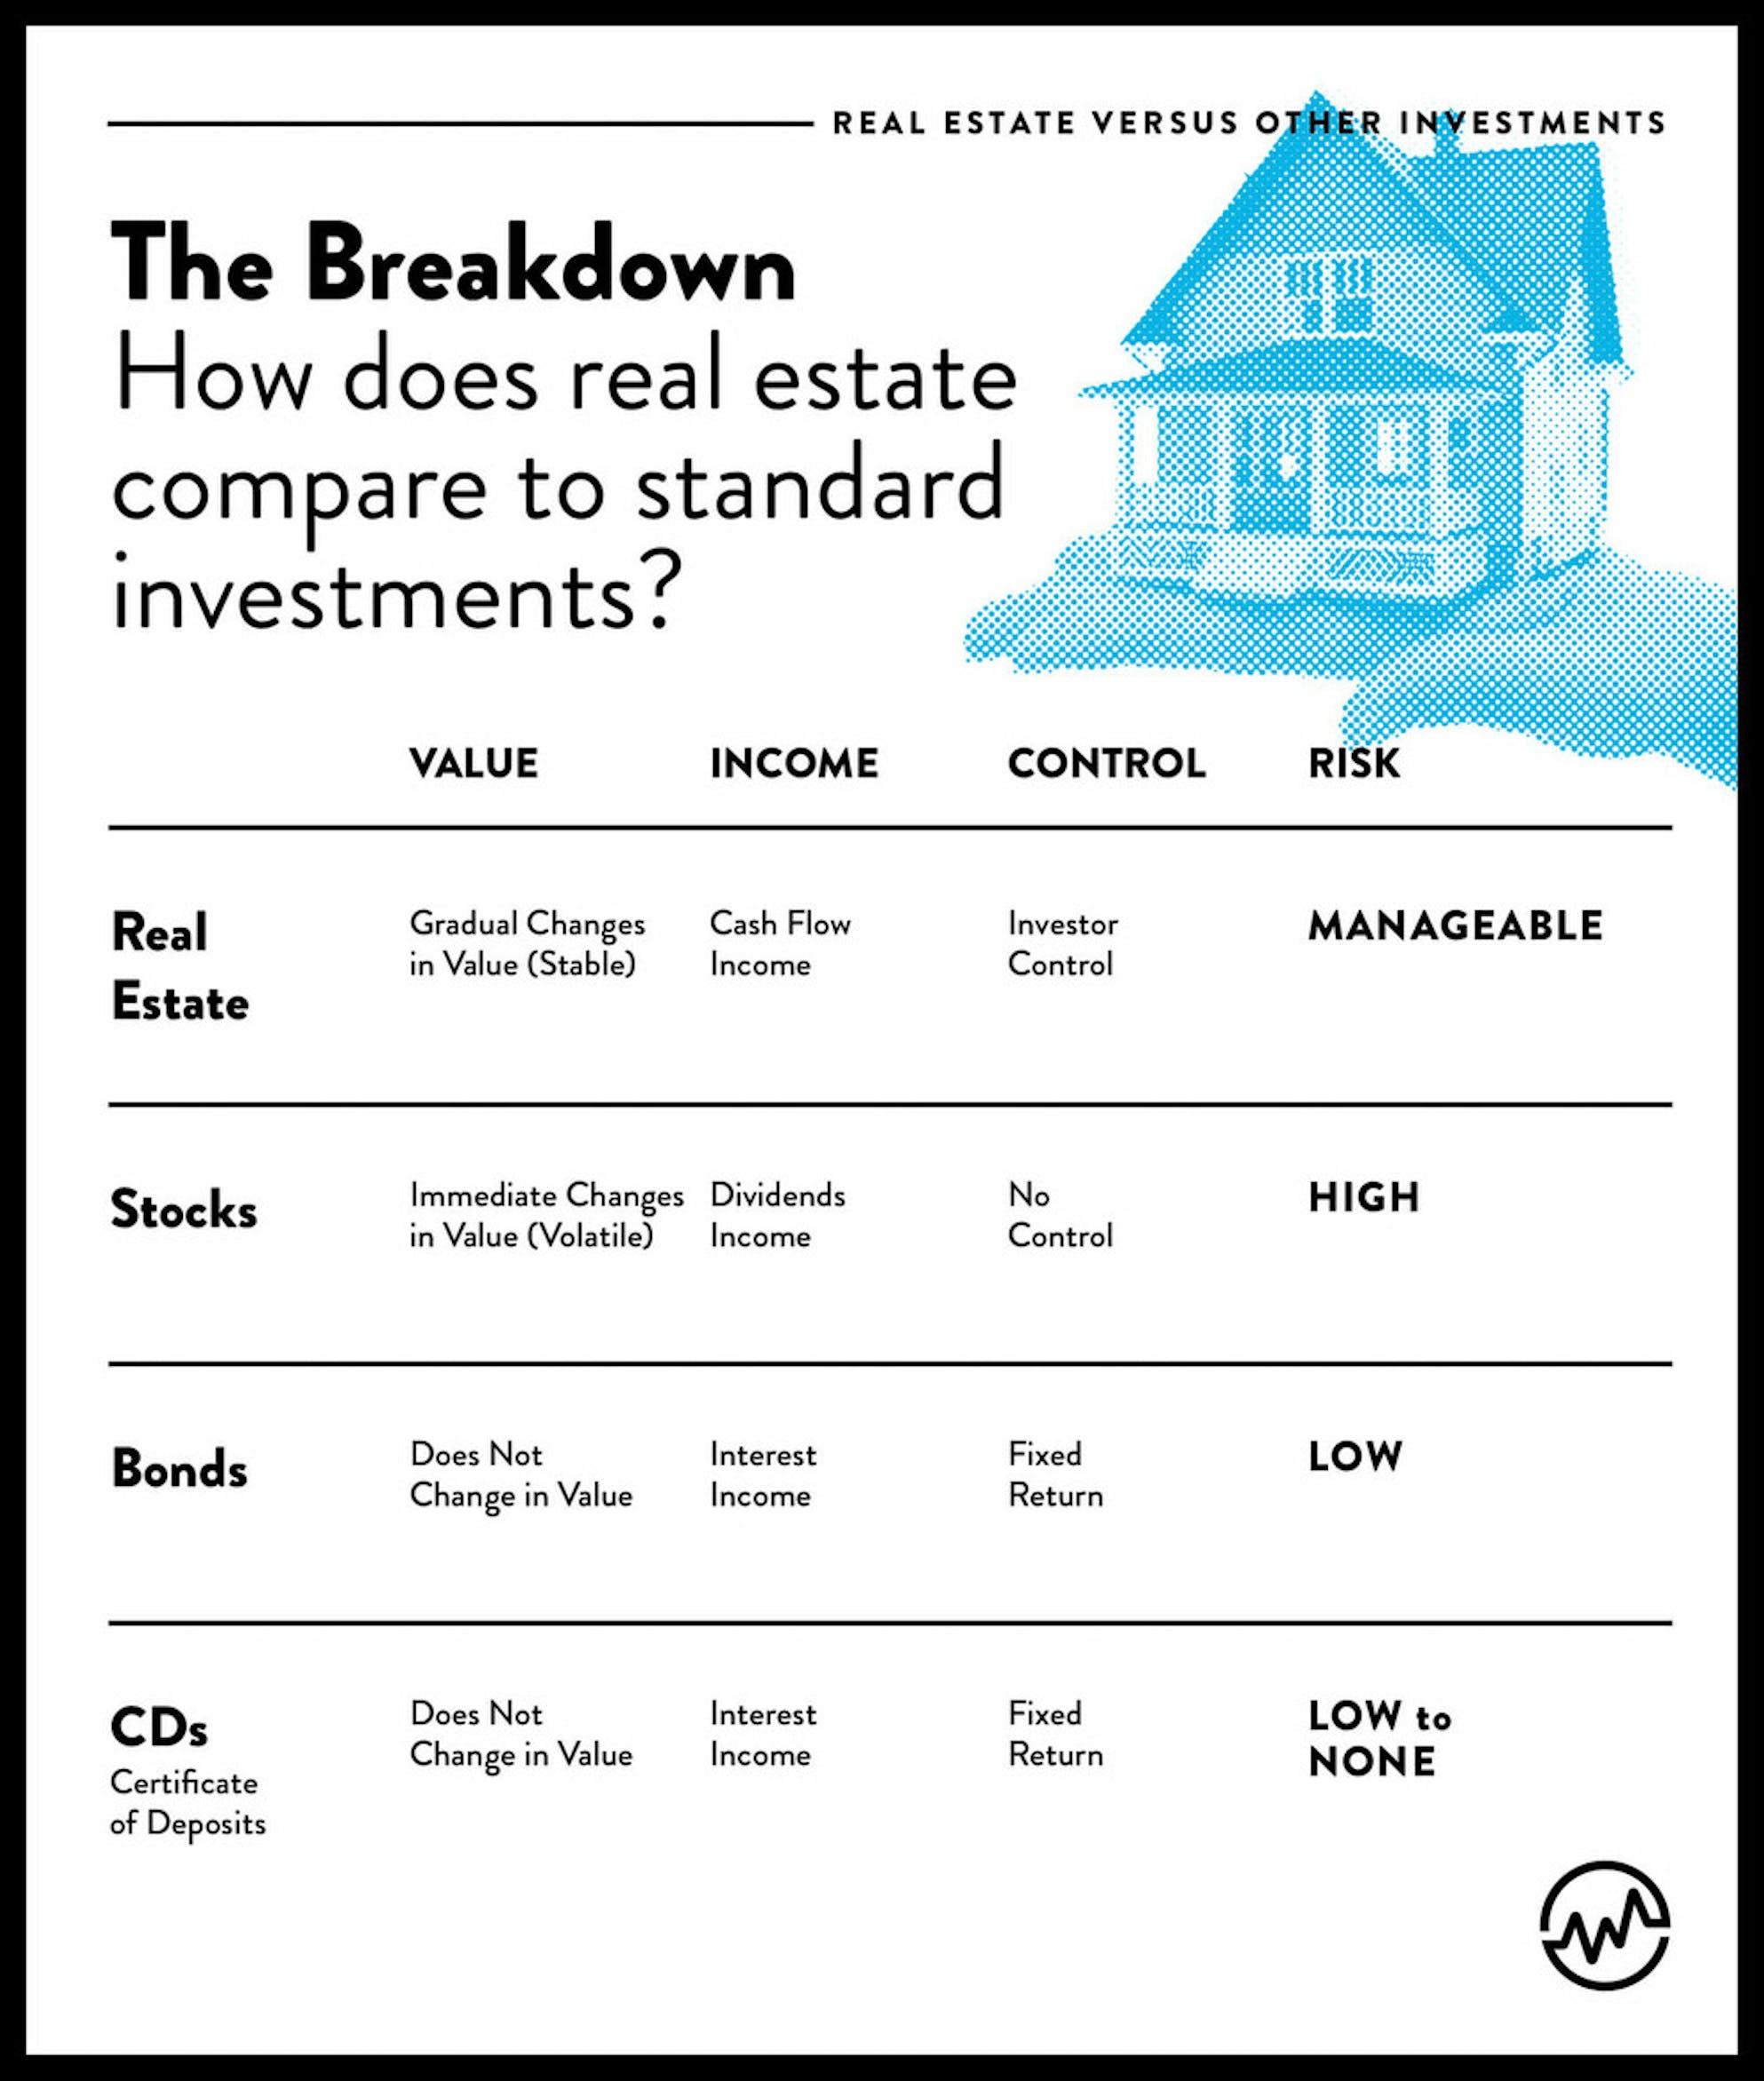 Real estate vs stocks vs bonds vs CDs